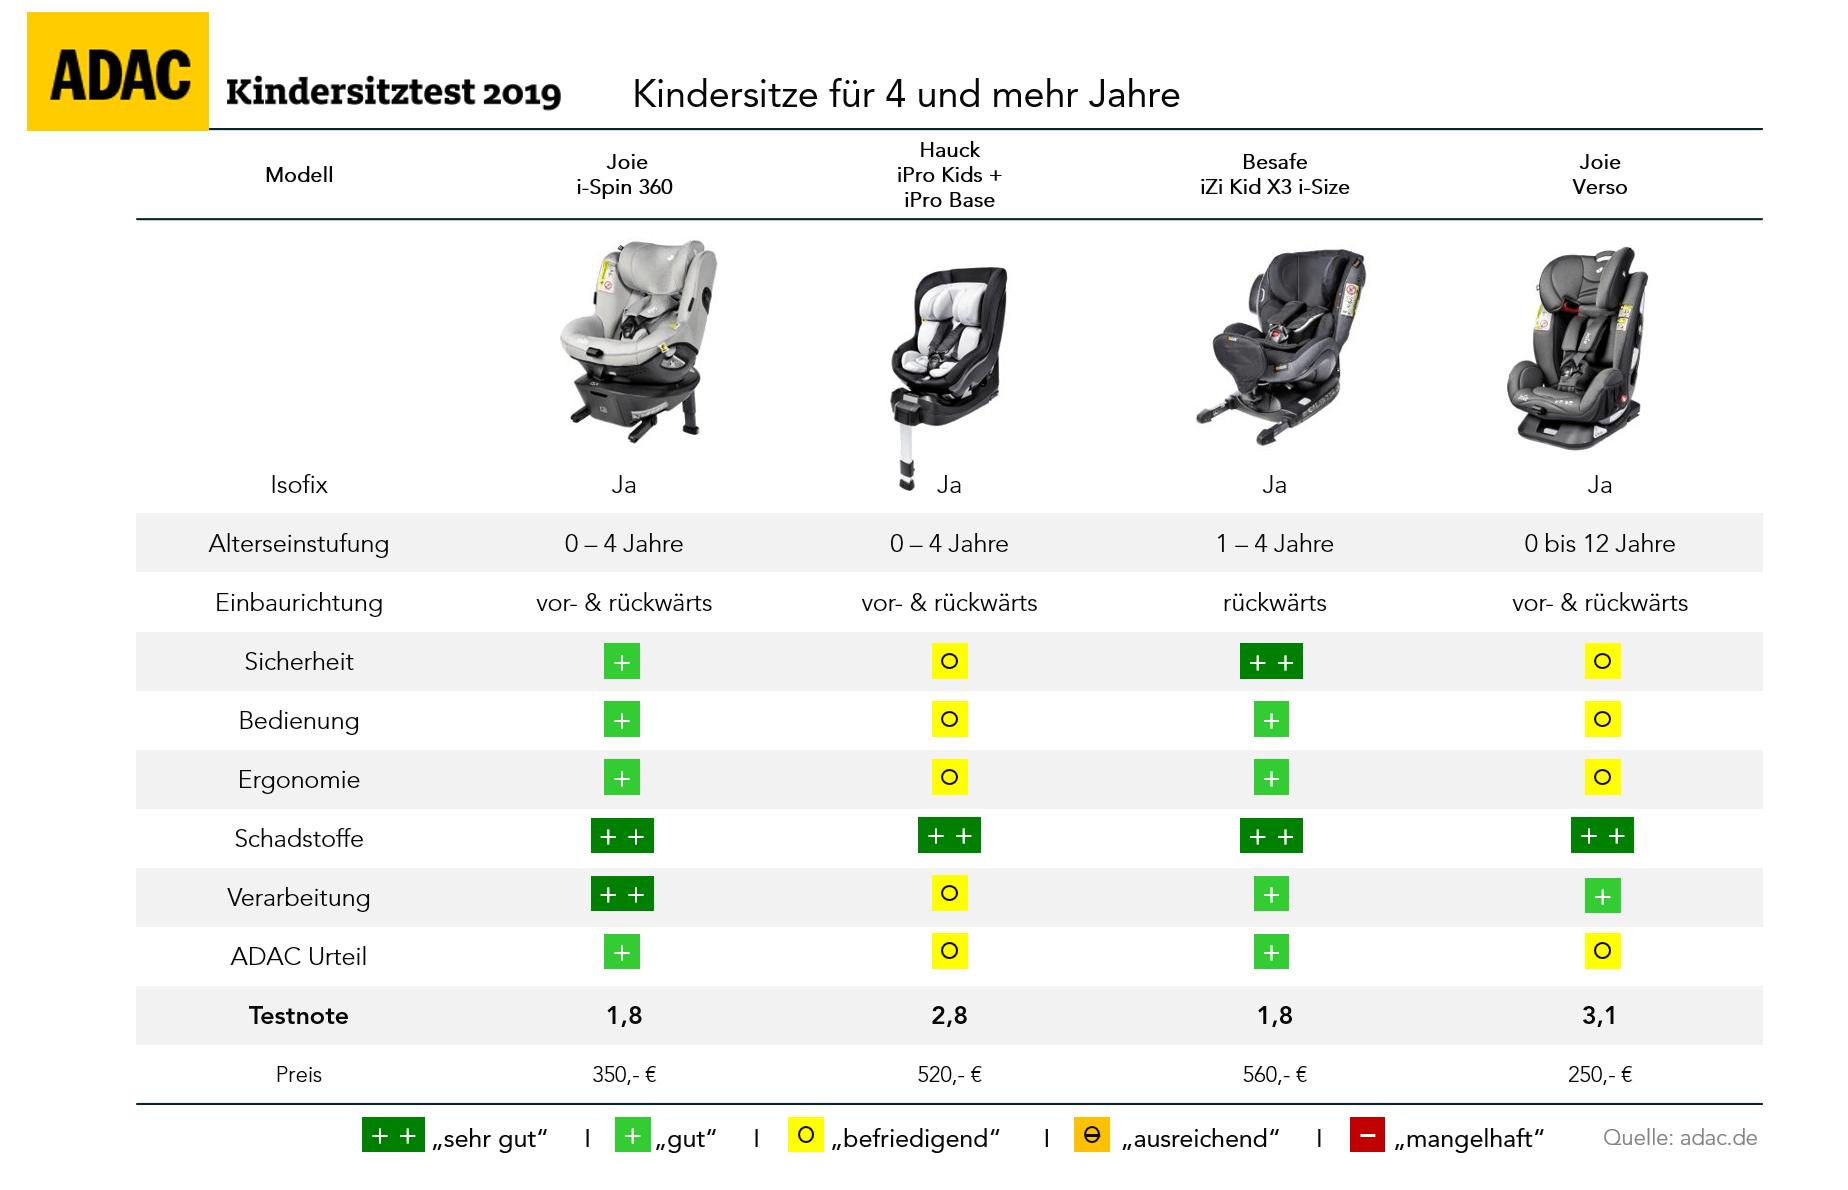 adac-kindersitz-test-2019-herbst-kindersitze-bis-vier-jahre-und-mehr